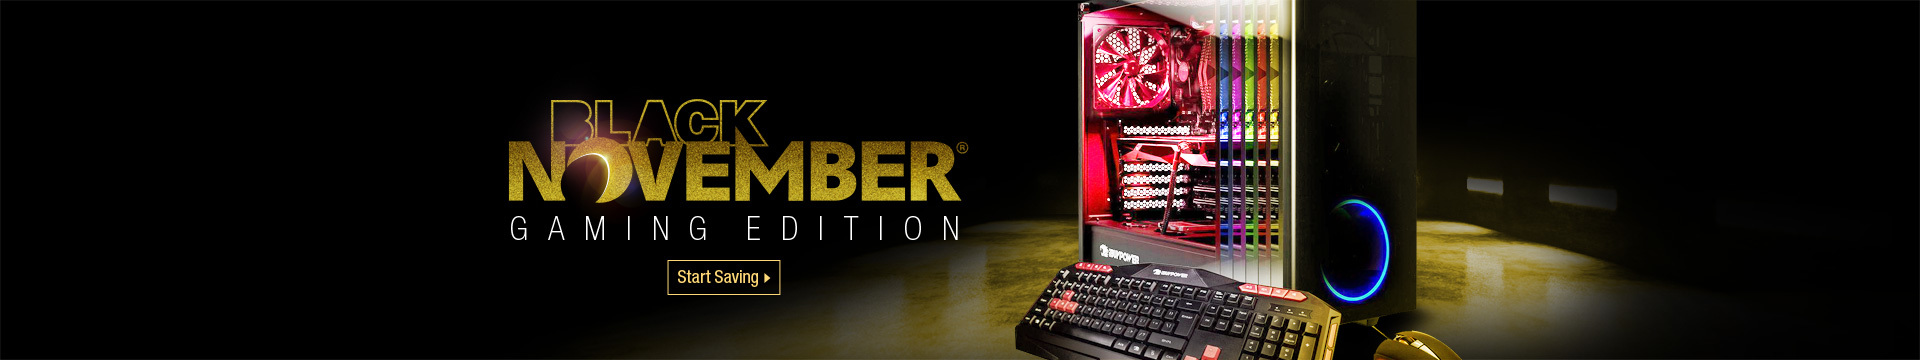 Black November Gaming Edition